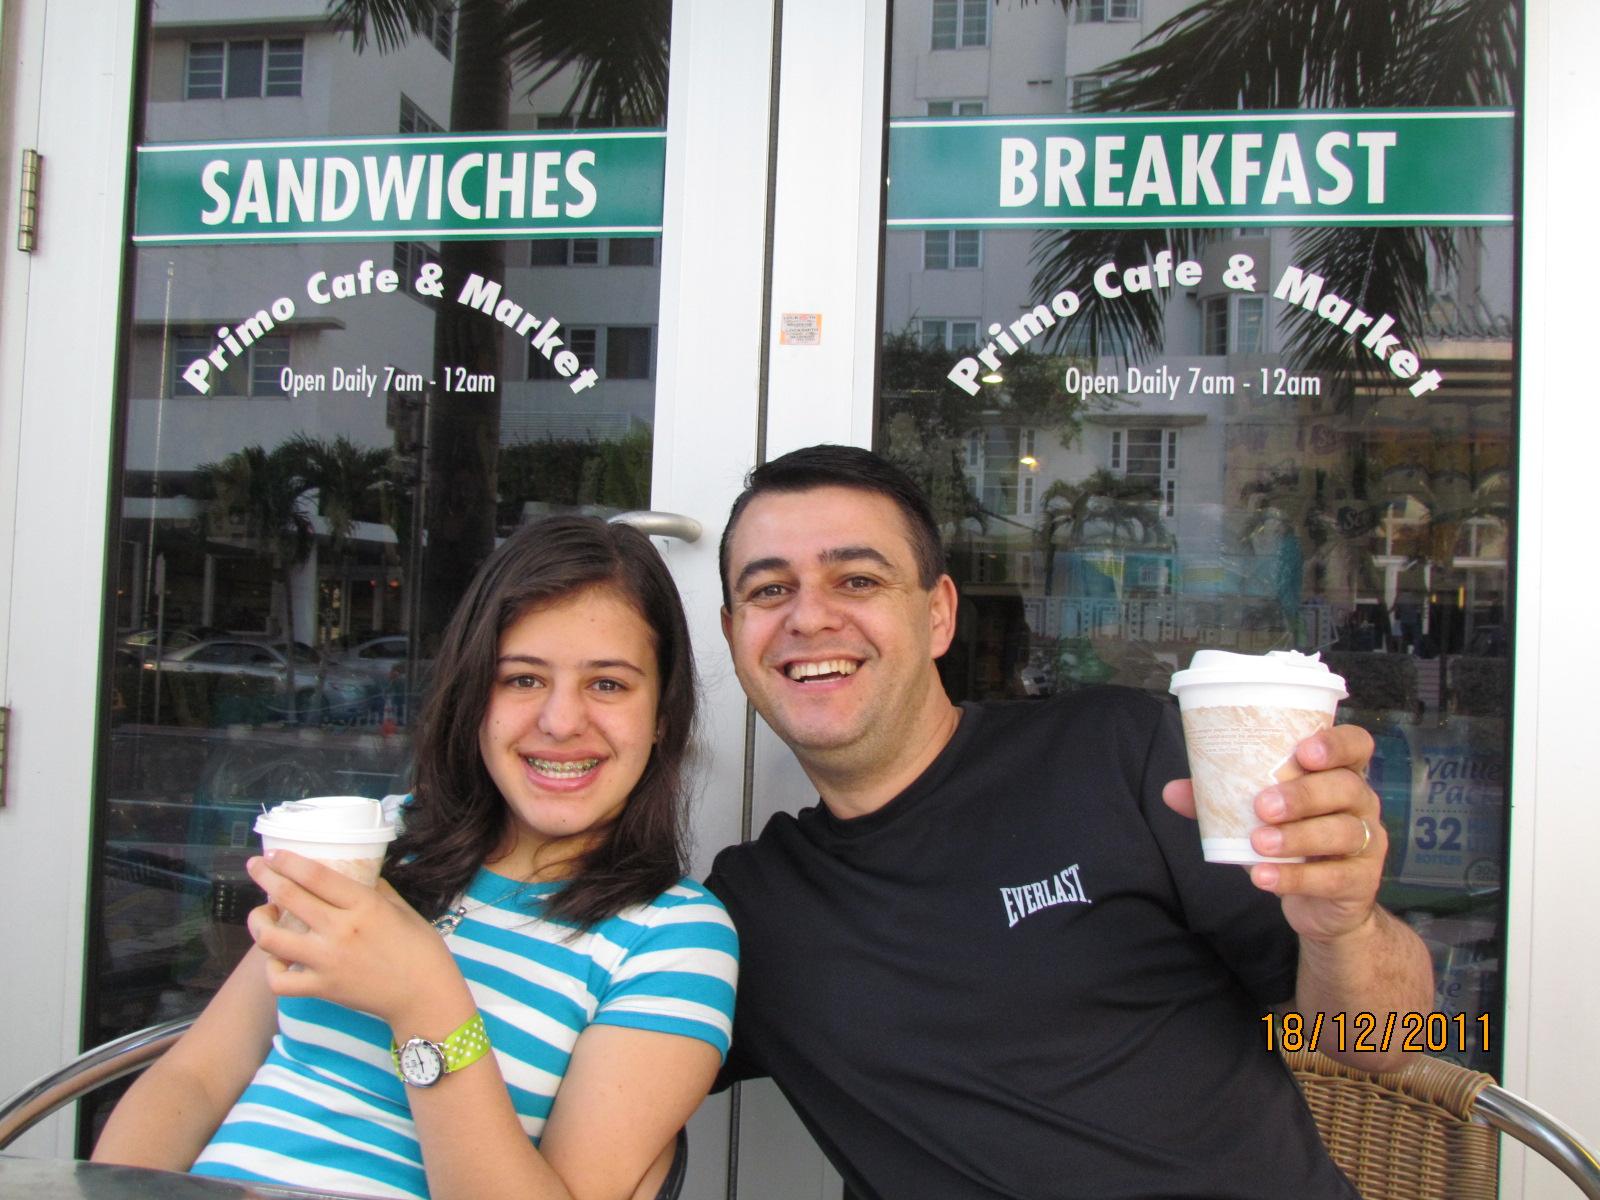 Primo café e Market em Miami